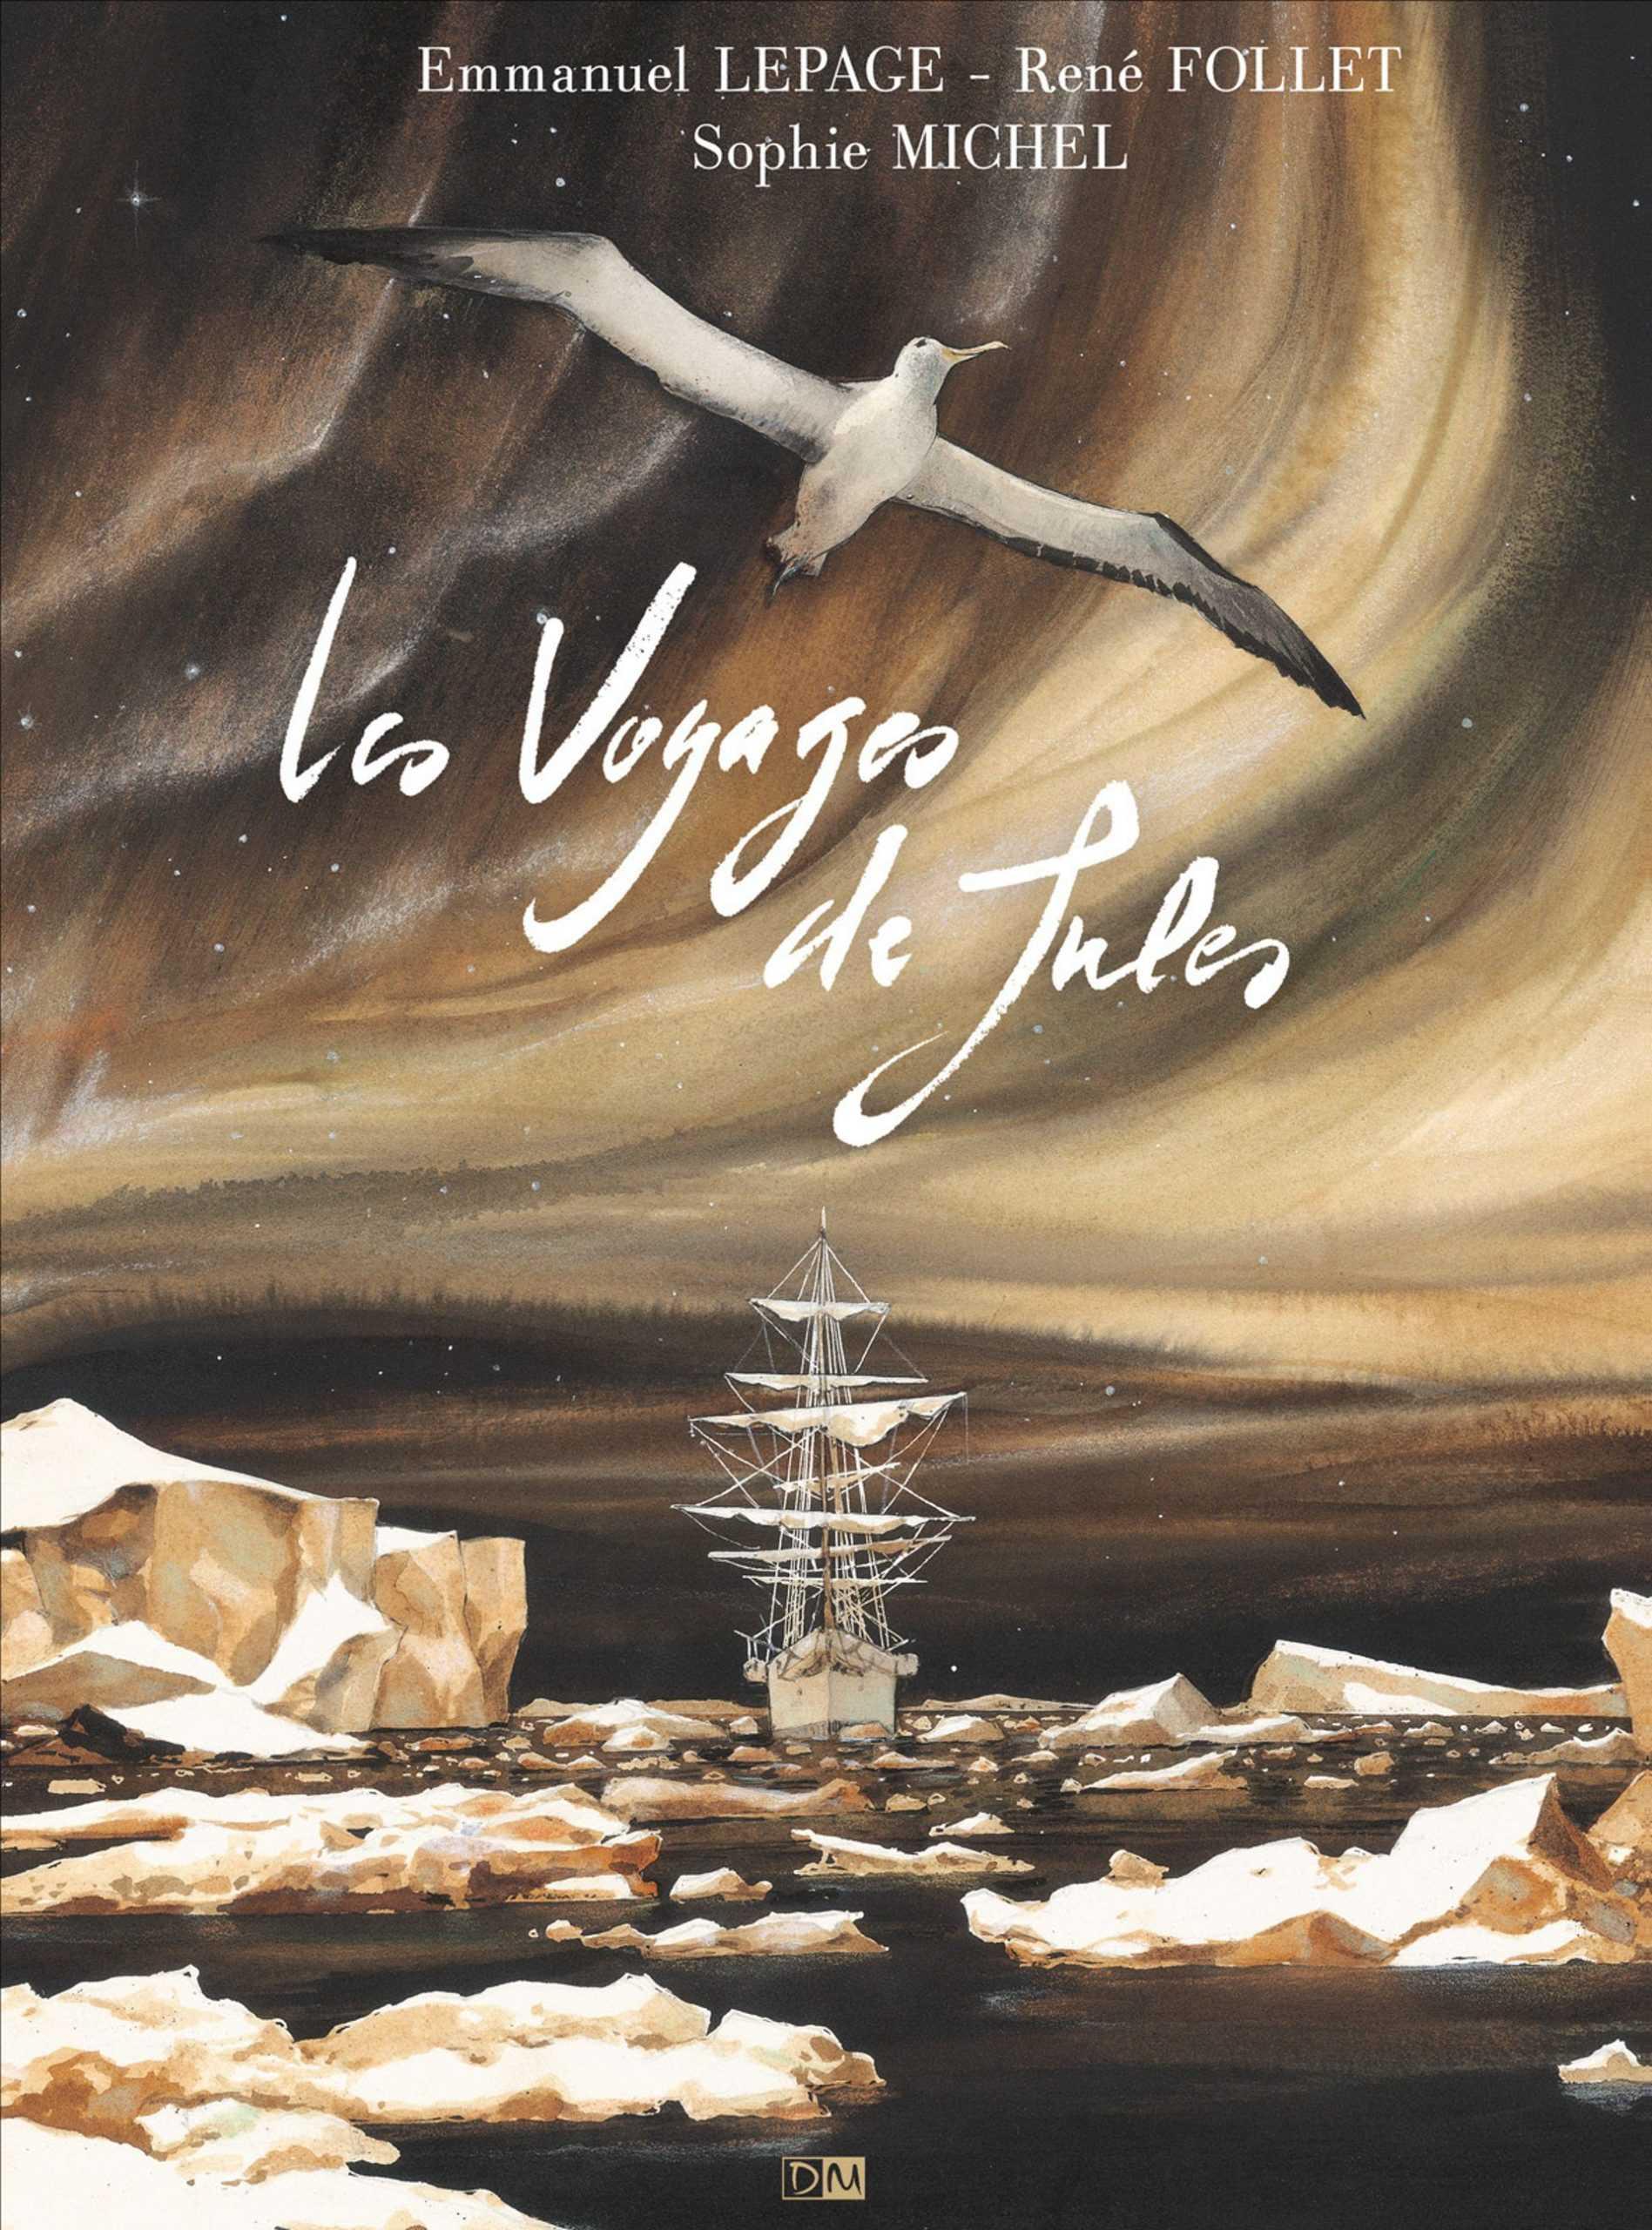 Les Voyages de Jules, Lepage, Follet et Sophie Michel pour une superbe balade au bout du monde